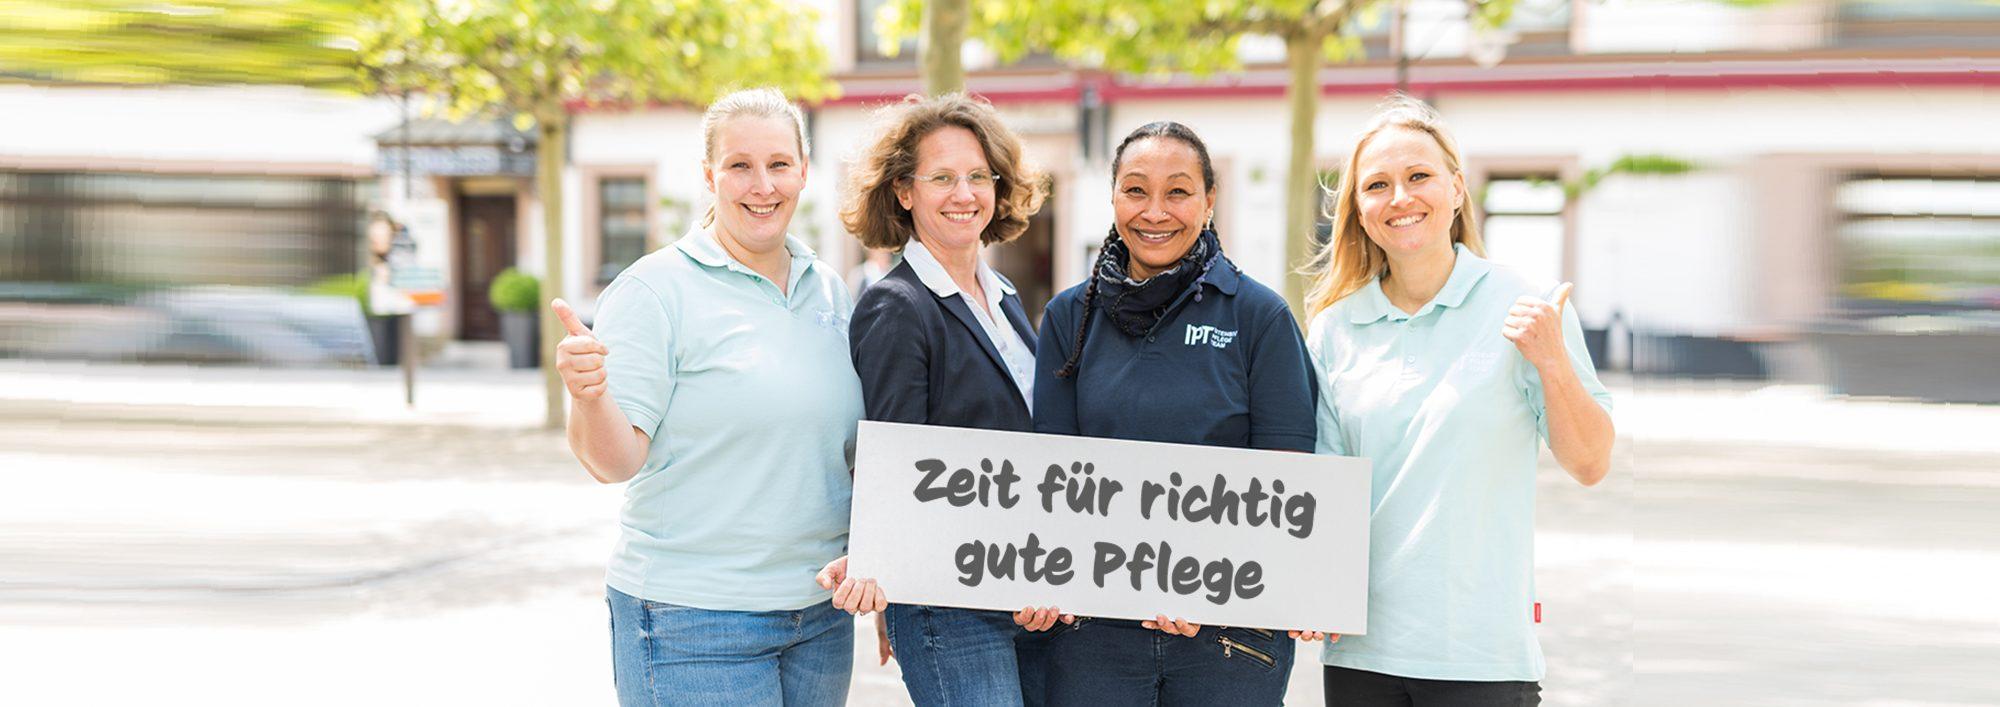 IPT - Intensivpflegeteam - Intensivpflege für Würzburg und Schweinfurt